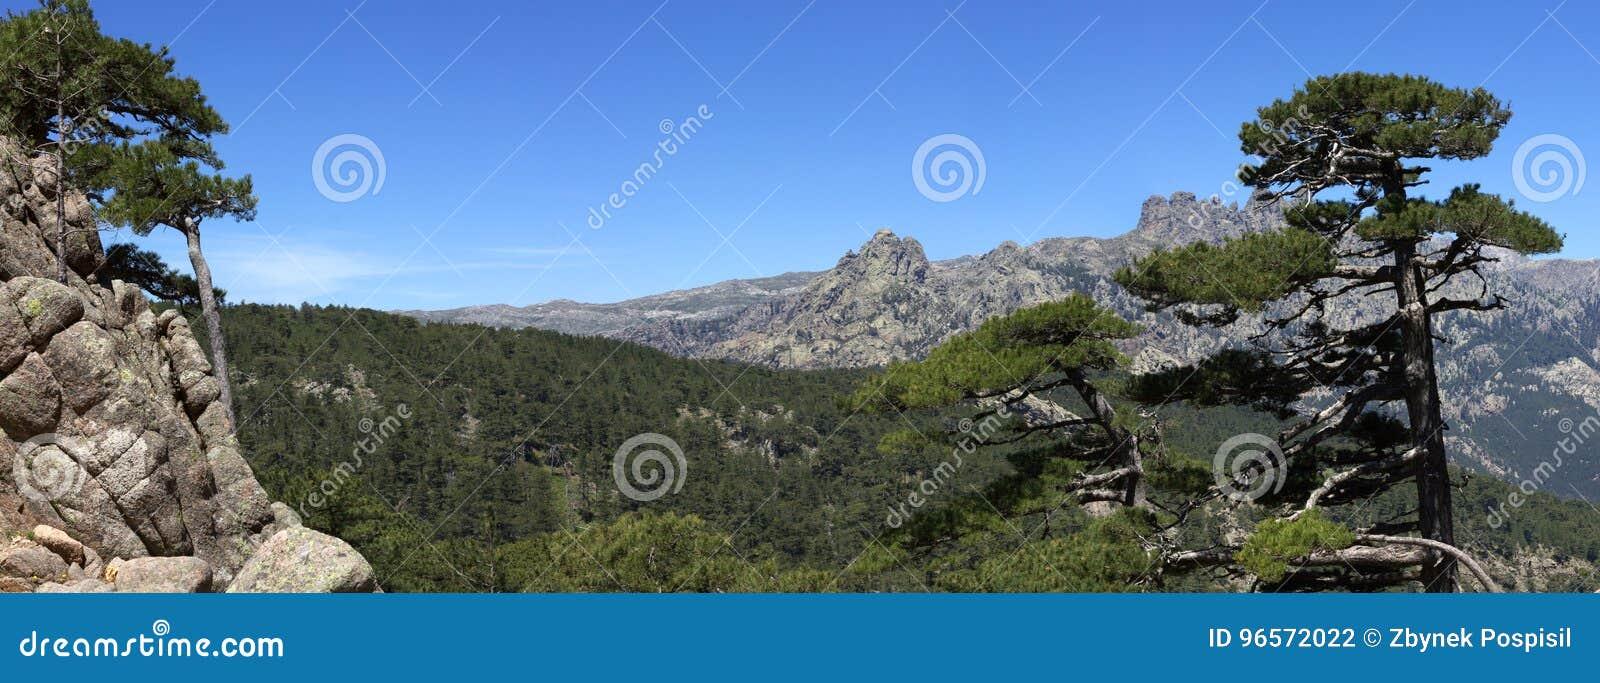 Rotsachtige heuvels in Col. de Bavella-bergen, Corsica, Frankrijk